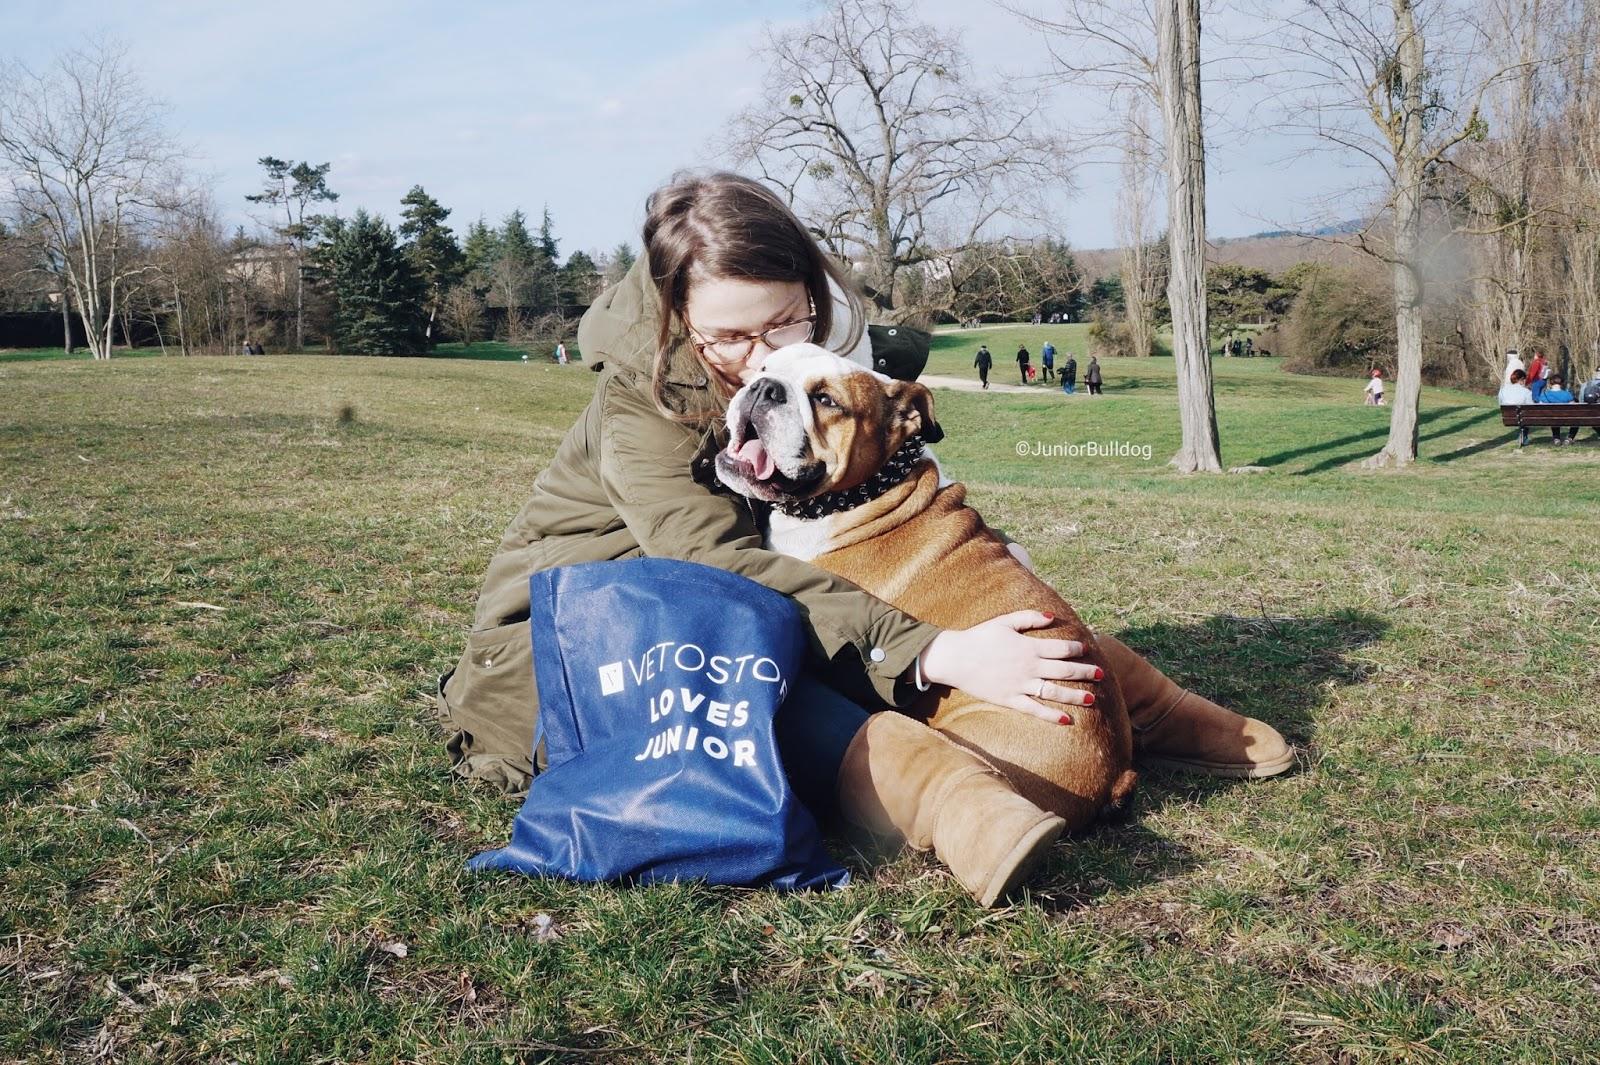 Vetostore animalerie en ligne produits vétérinaires chiens chats chevaux nac